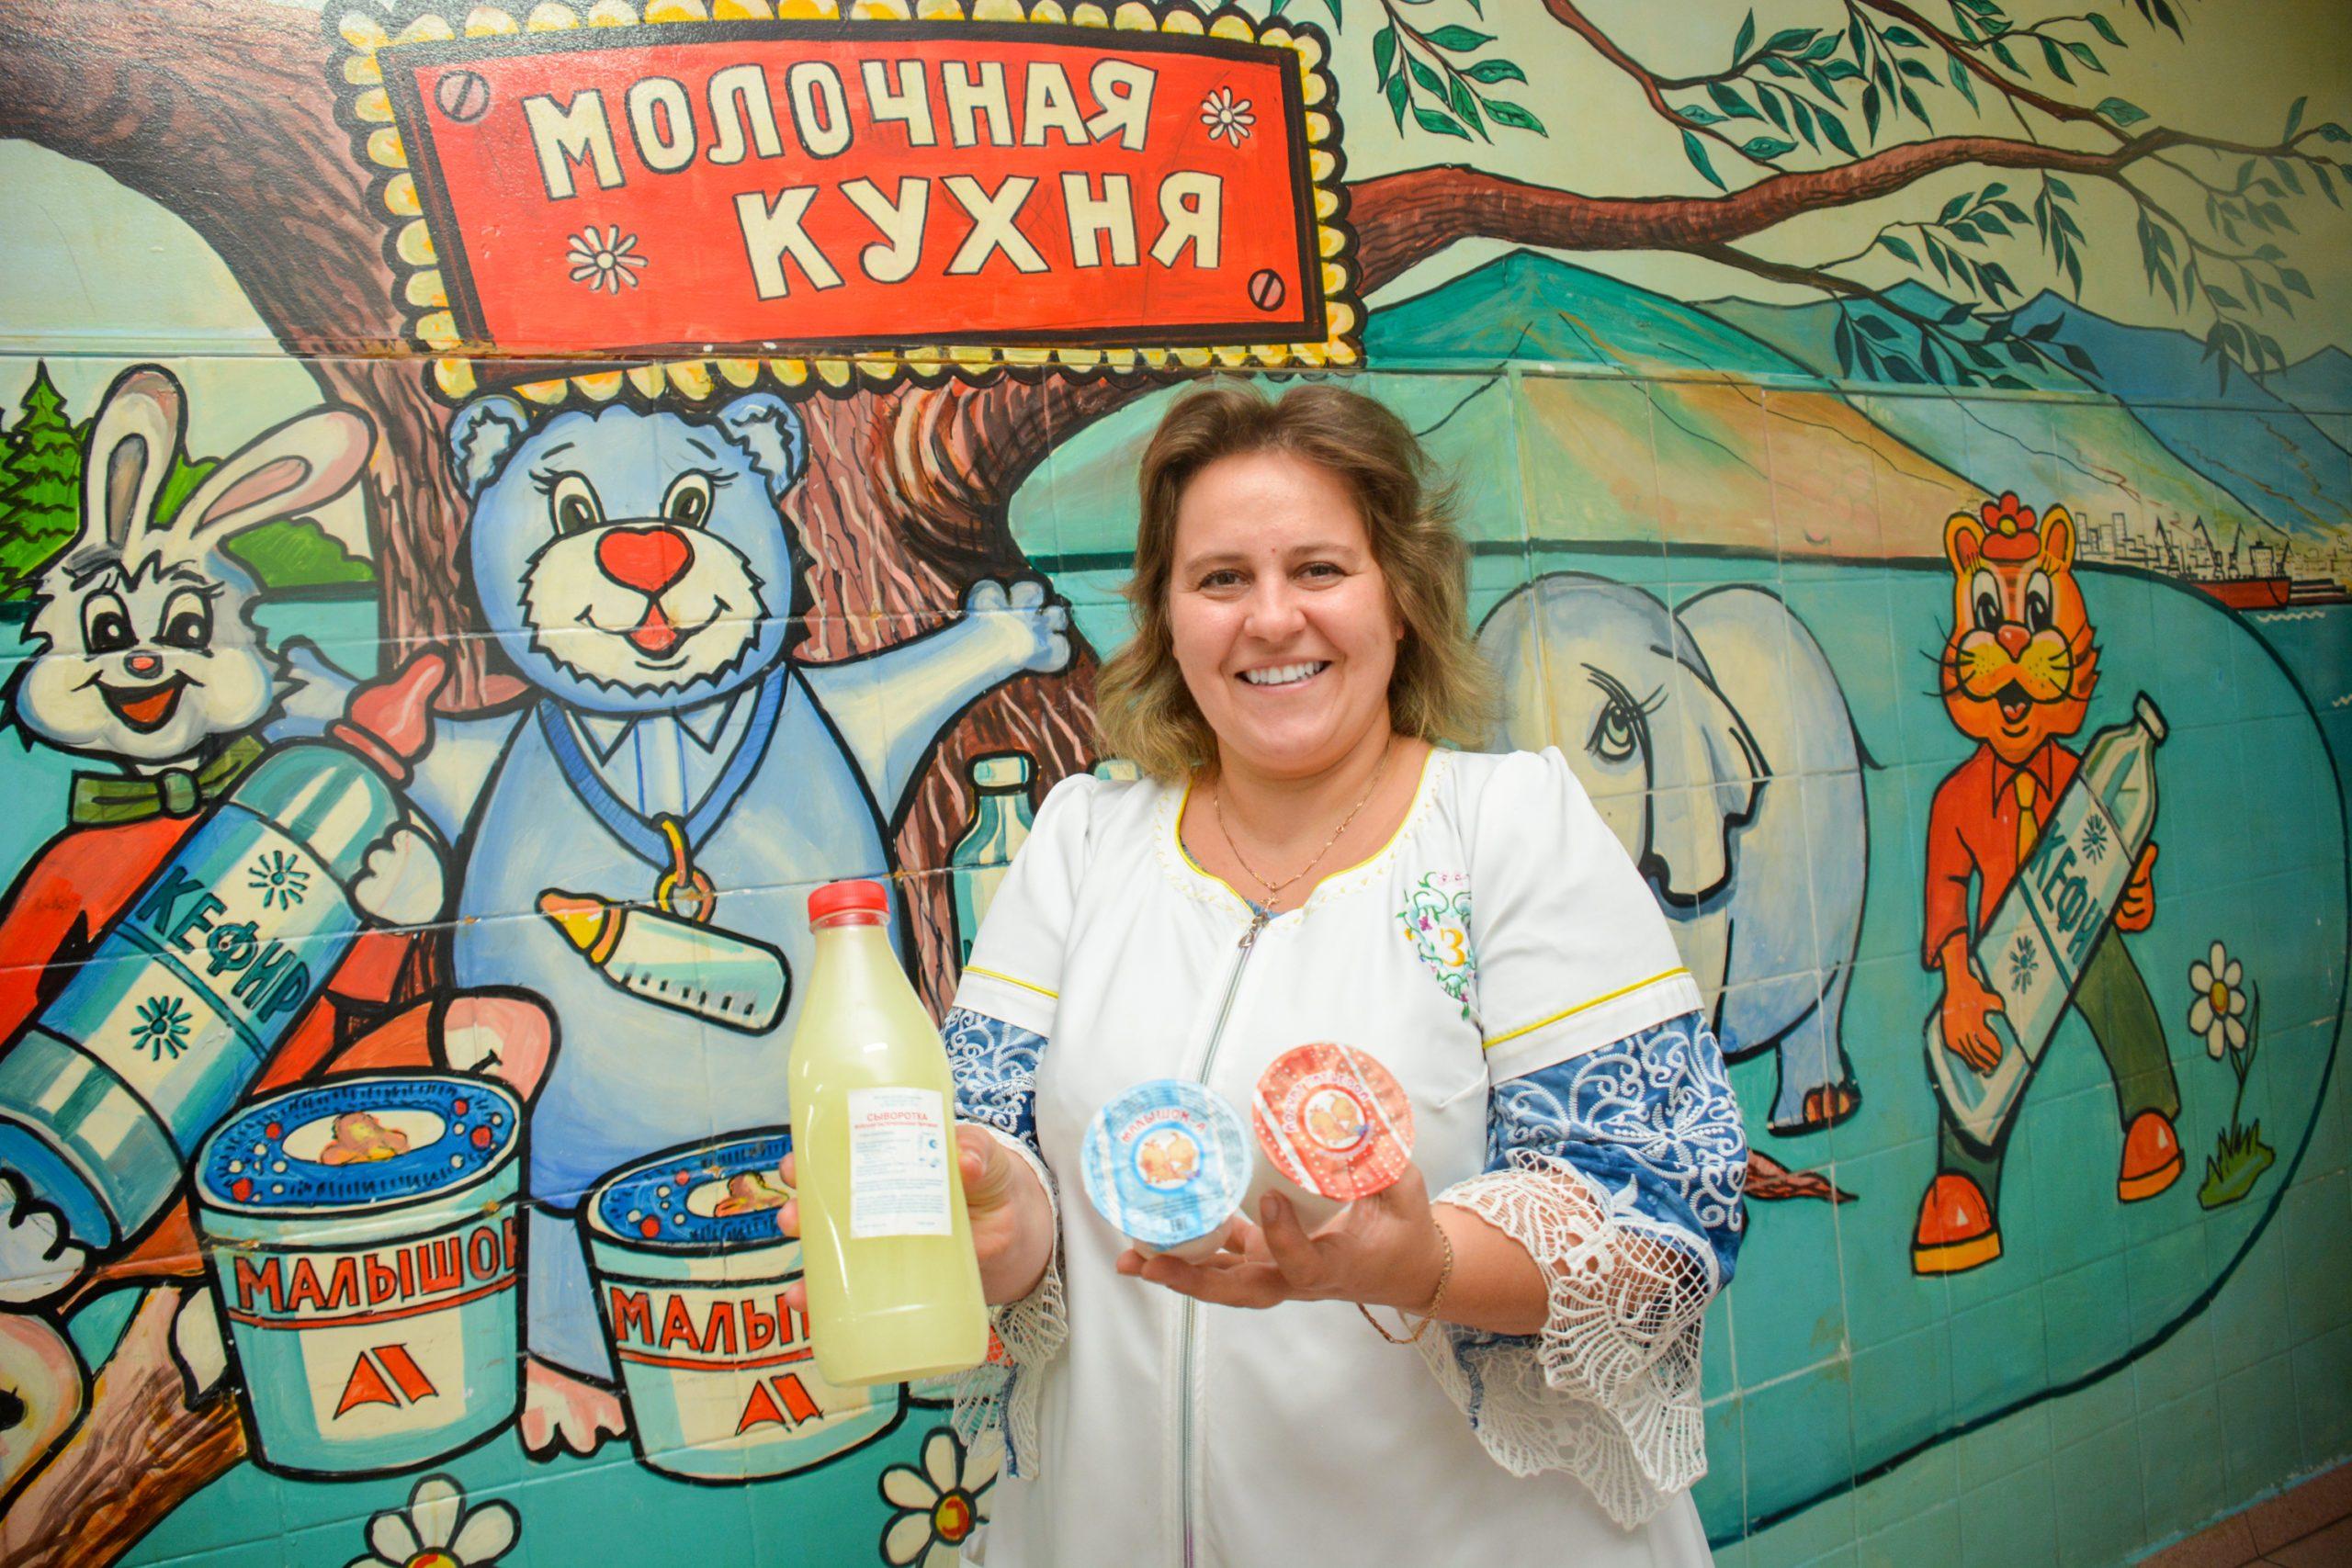 Новороссийских малышей кормят лучшим продуктом в стране